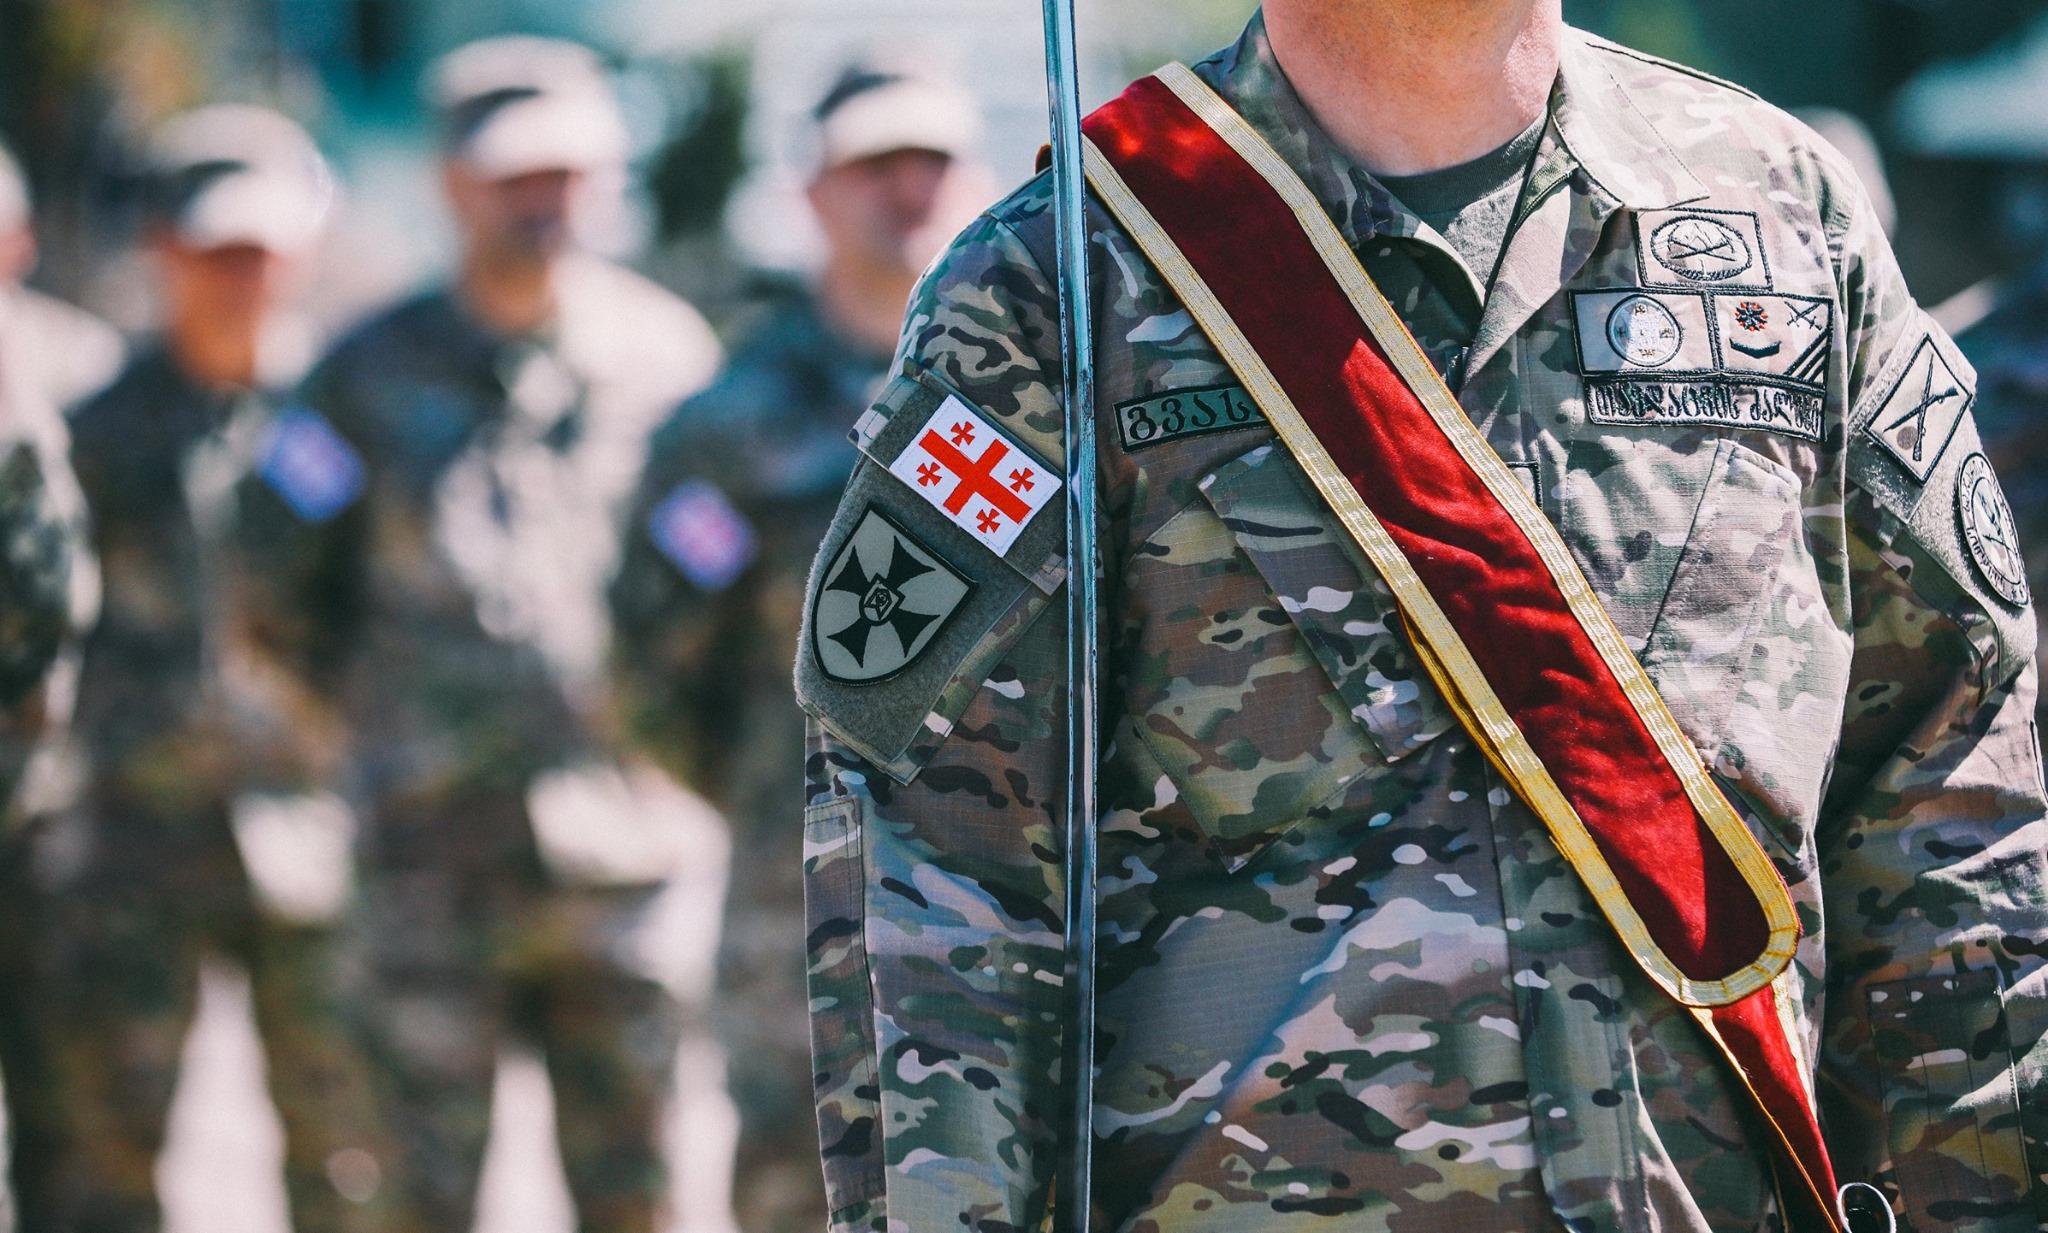 Georgia Army Military 56 #новости грузинская армия, Ираклий Гарибашвили, Саломе Зурабишвили, Силы обороны